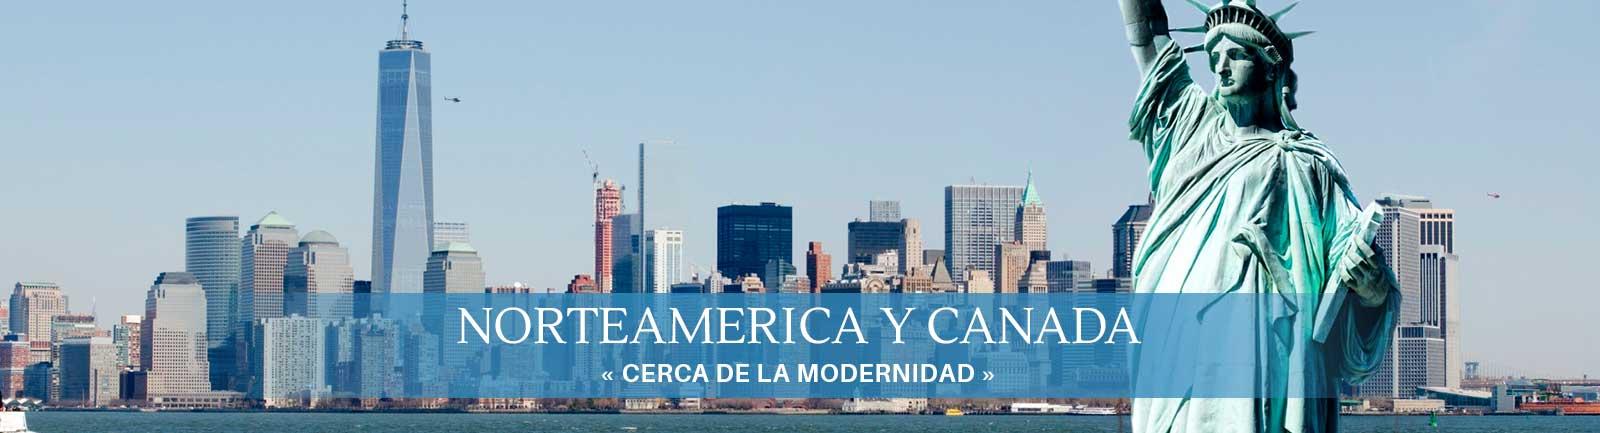 Crucero Norteamérica y Canadá